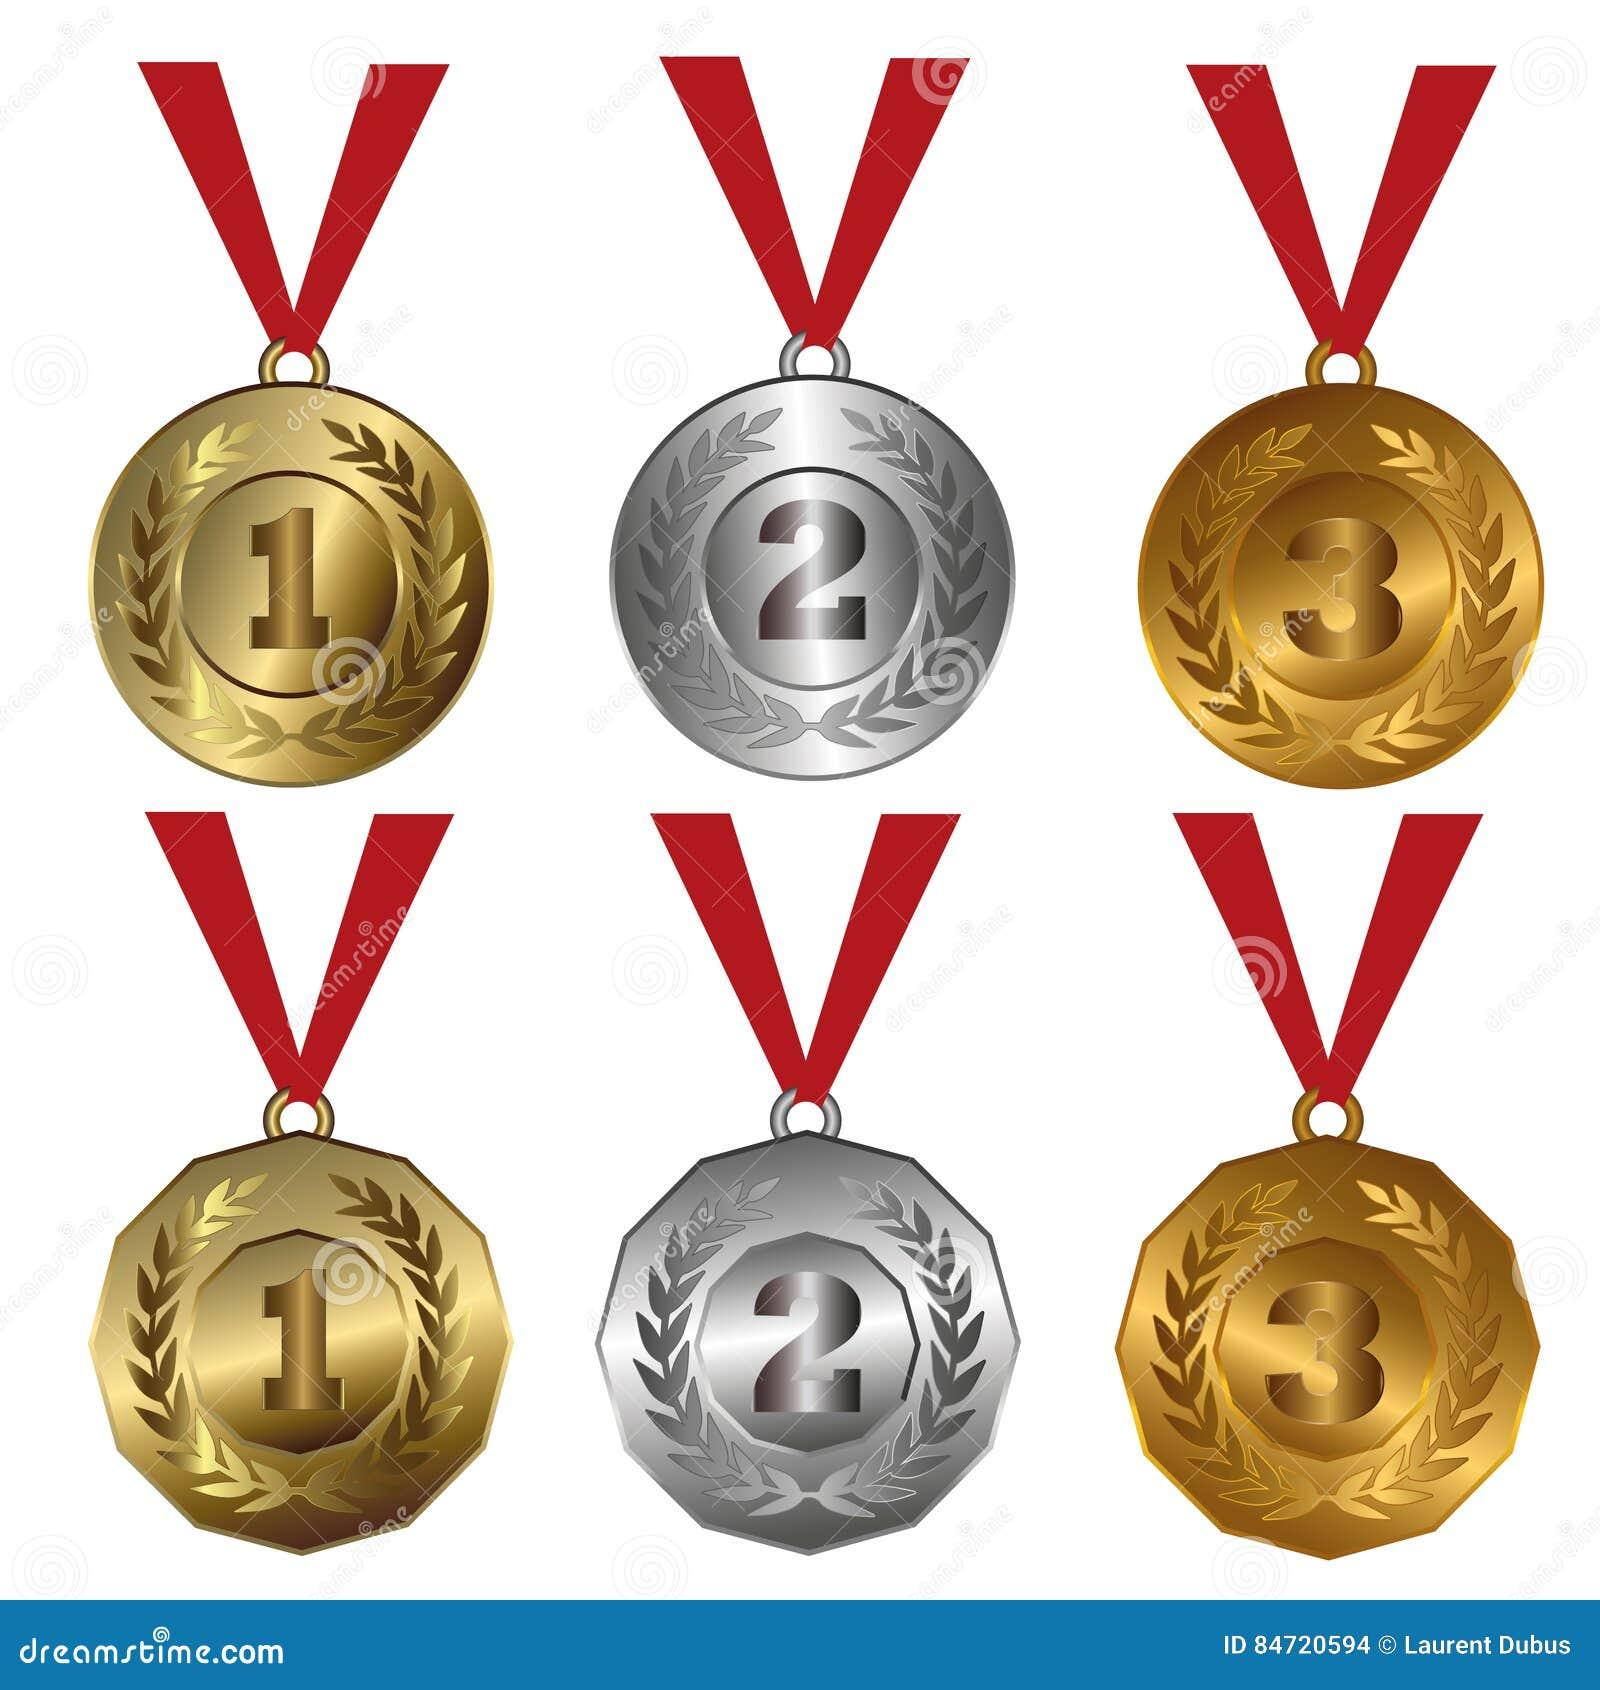 Χρυσός μεταλλίων βραβείων, ασήμι και σφραγίδες ή μετάλλια χαλκού